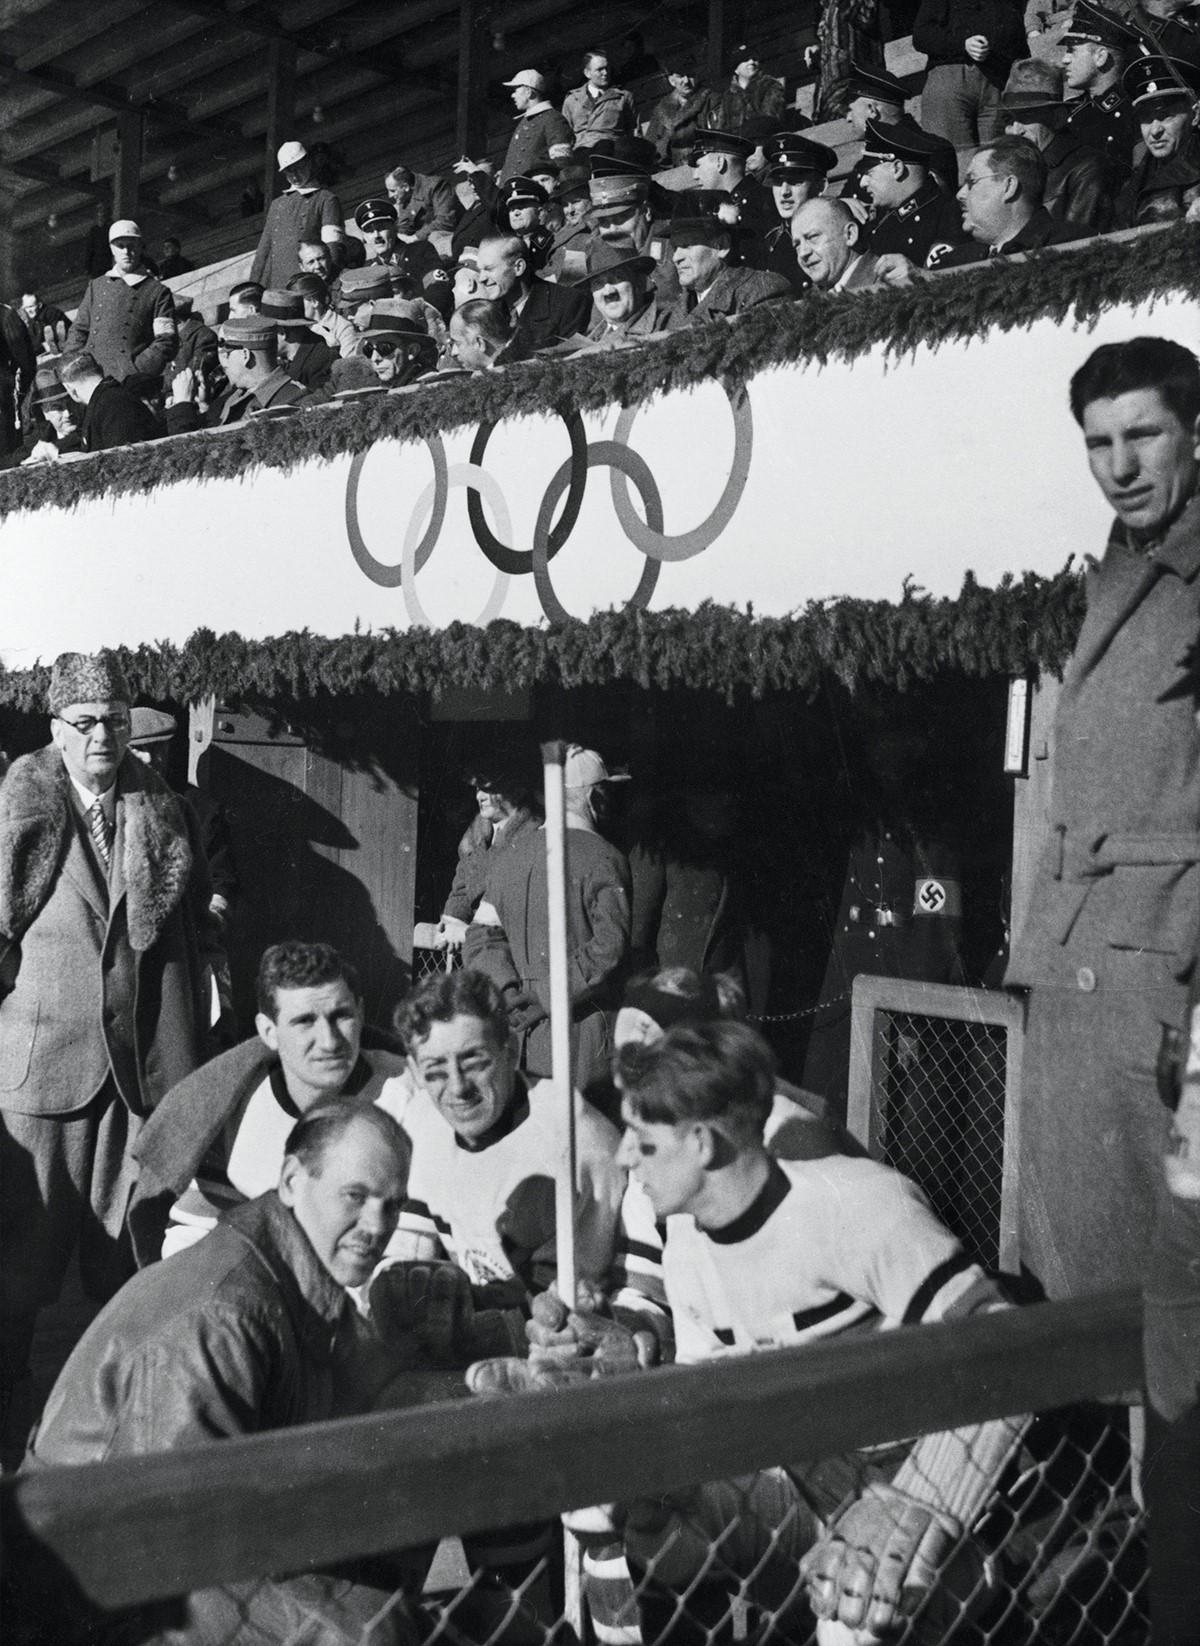 Олимпиада в Берлине в 1936 году